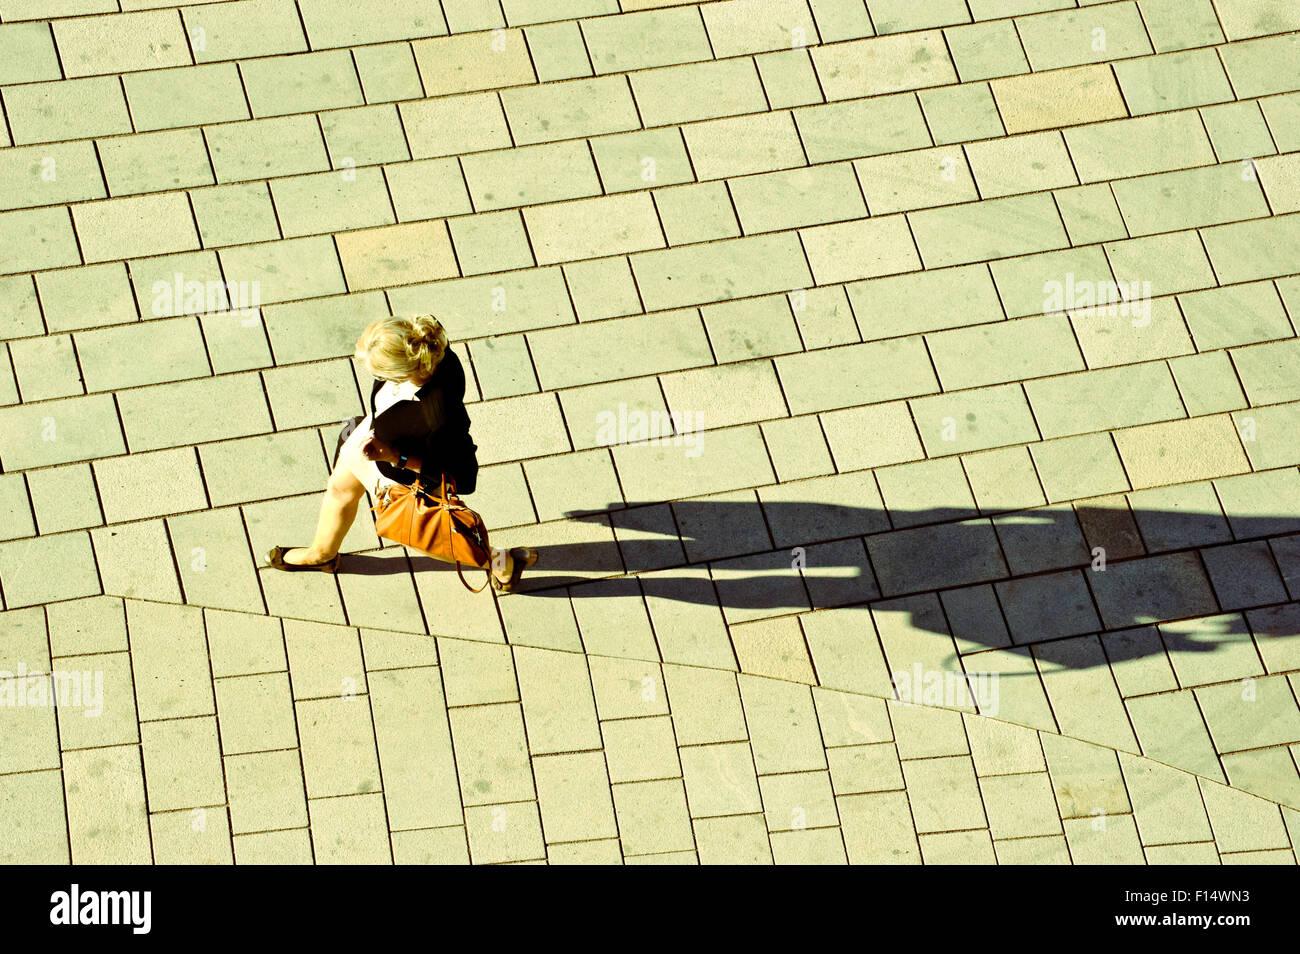 Femme marche sur la rue, projetant une ombre. Vue d'en haut Photo Stock